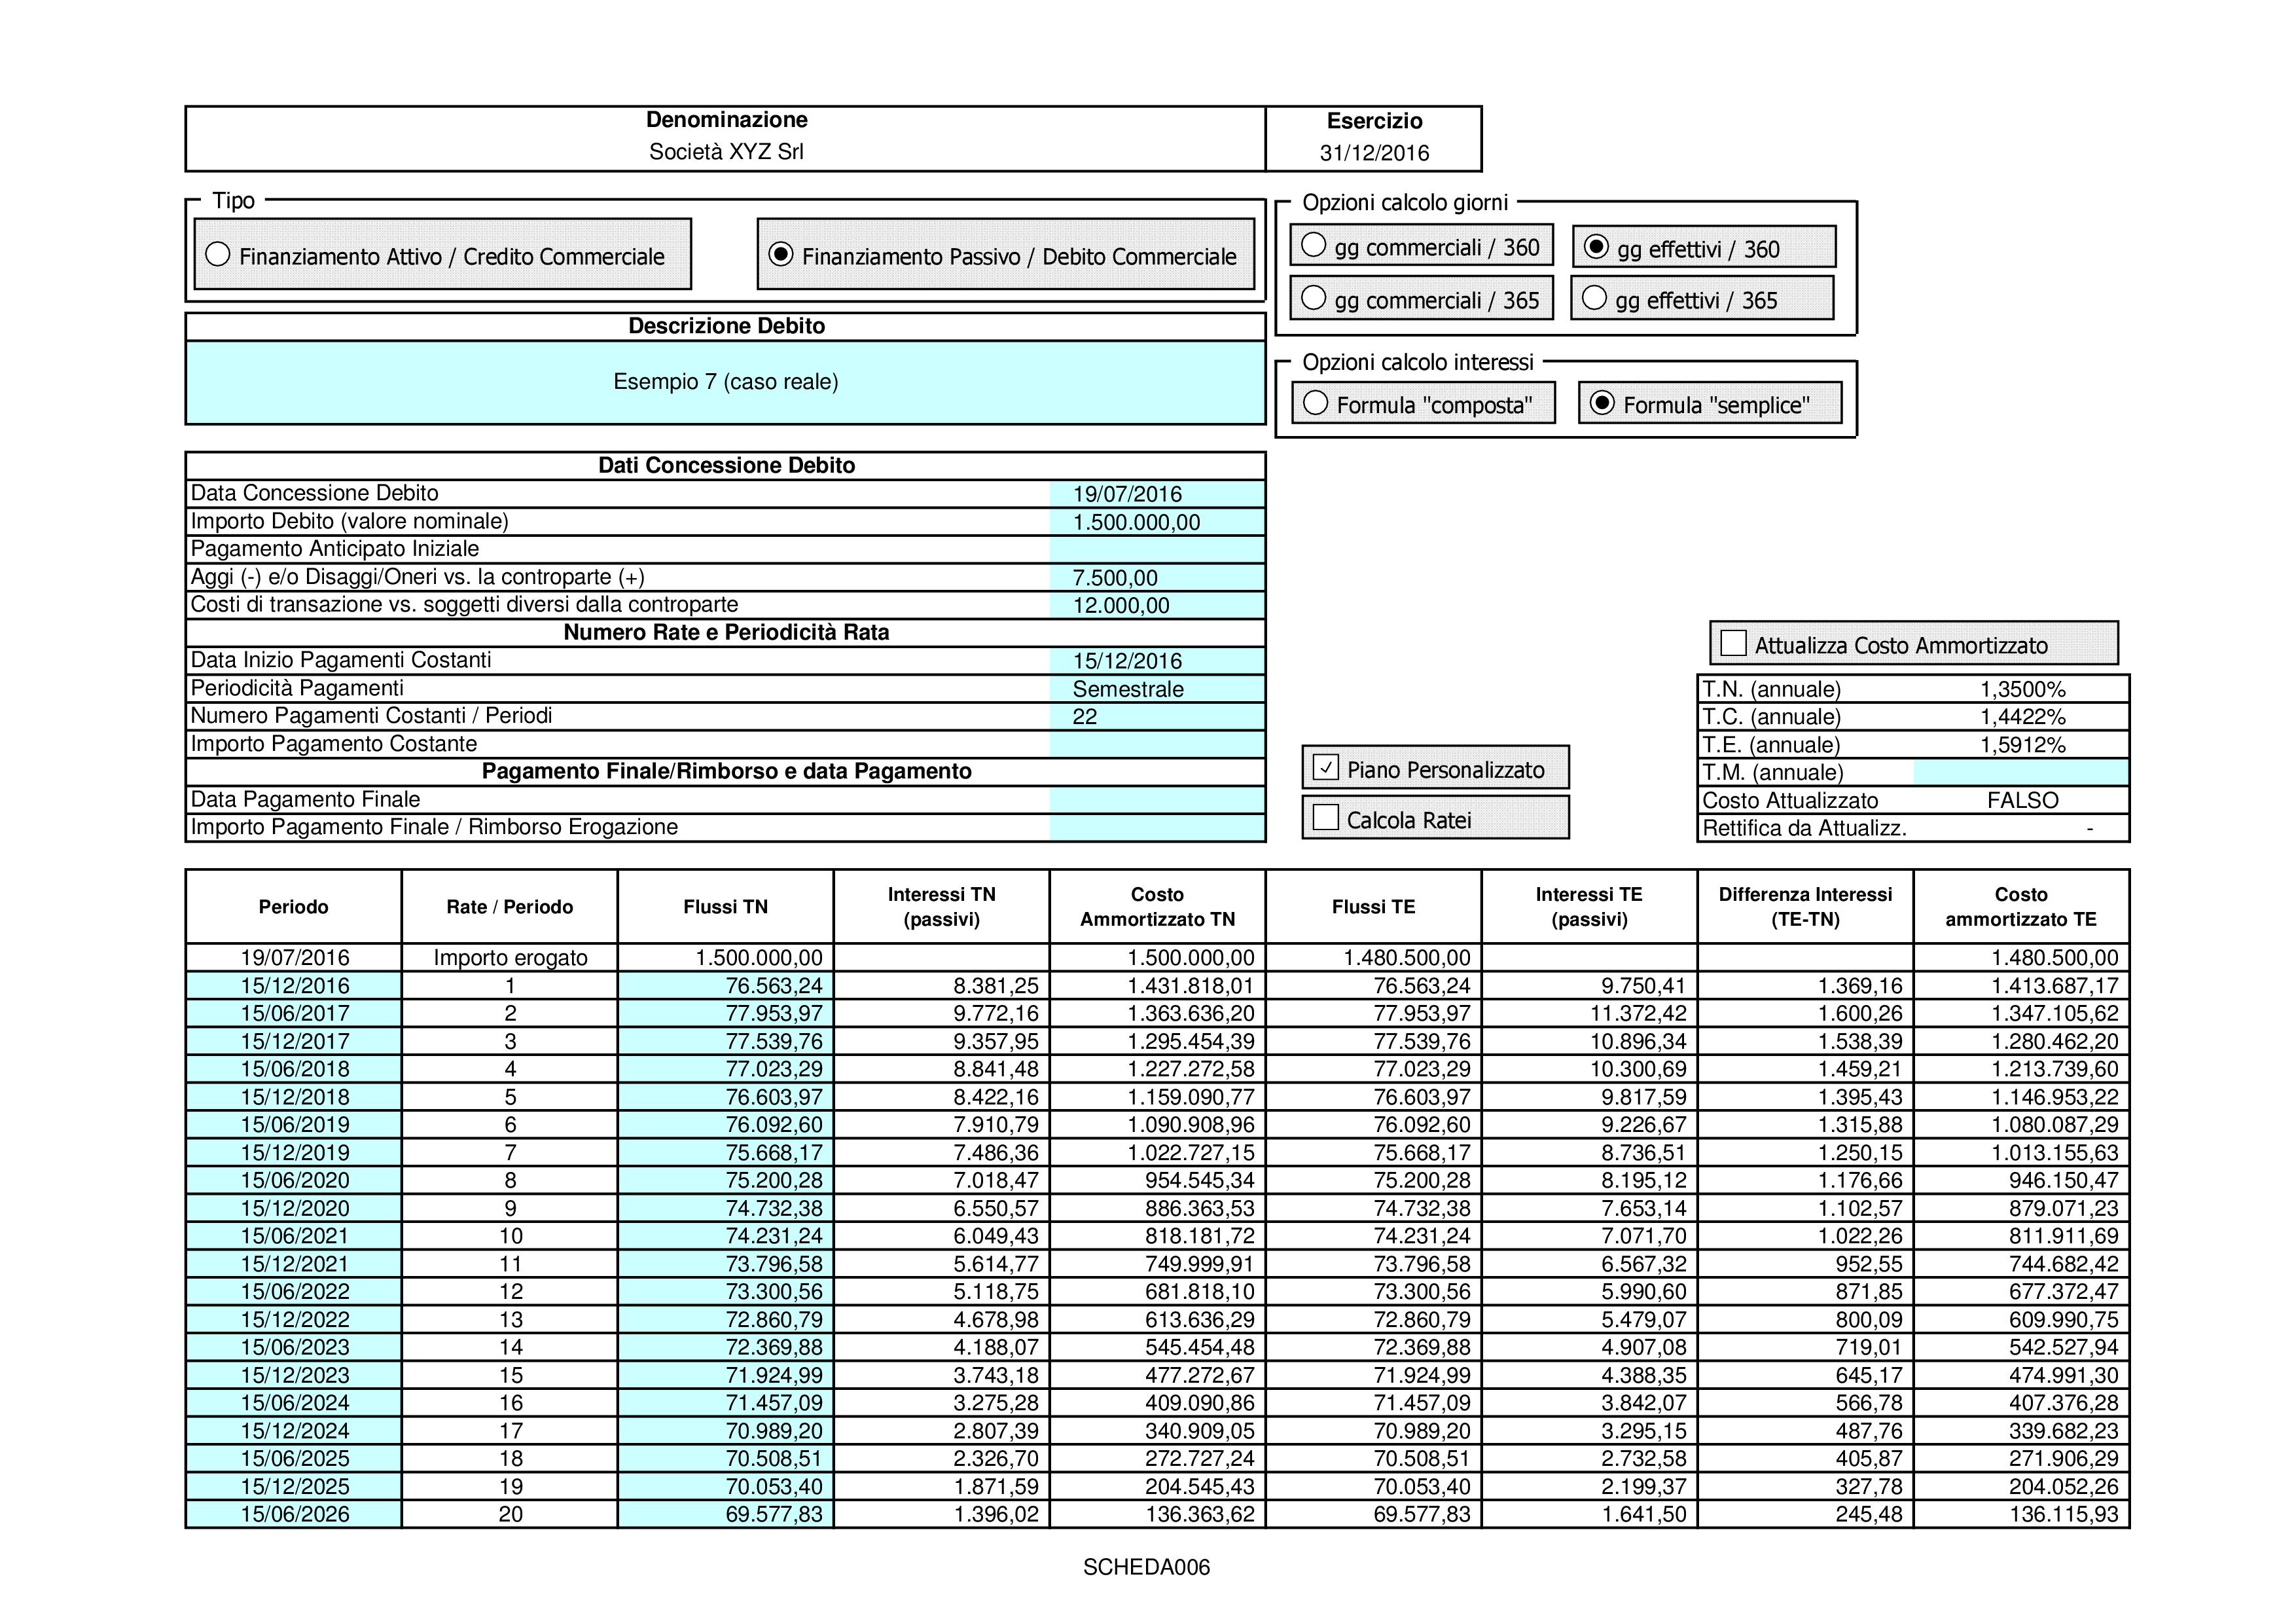 CREDITI DEBITI: valutazione costo ammortizzato 2018 - Immagine 9 / 12